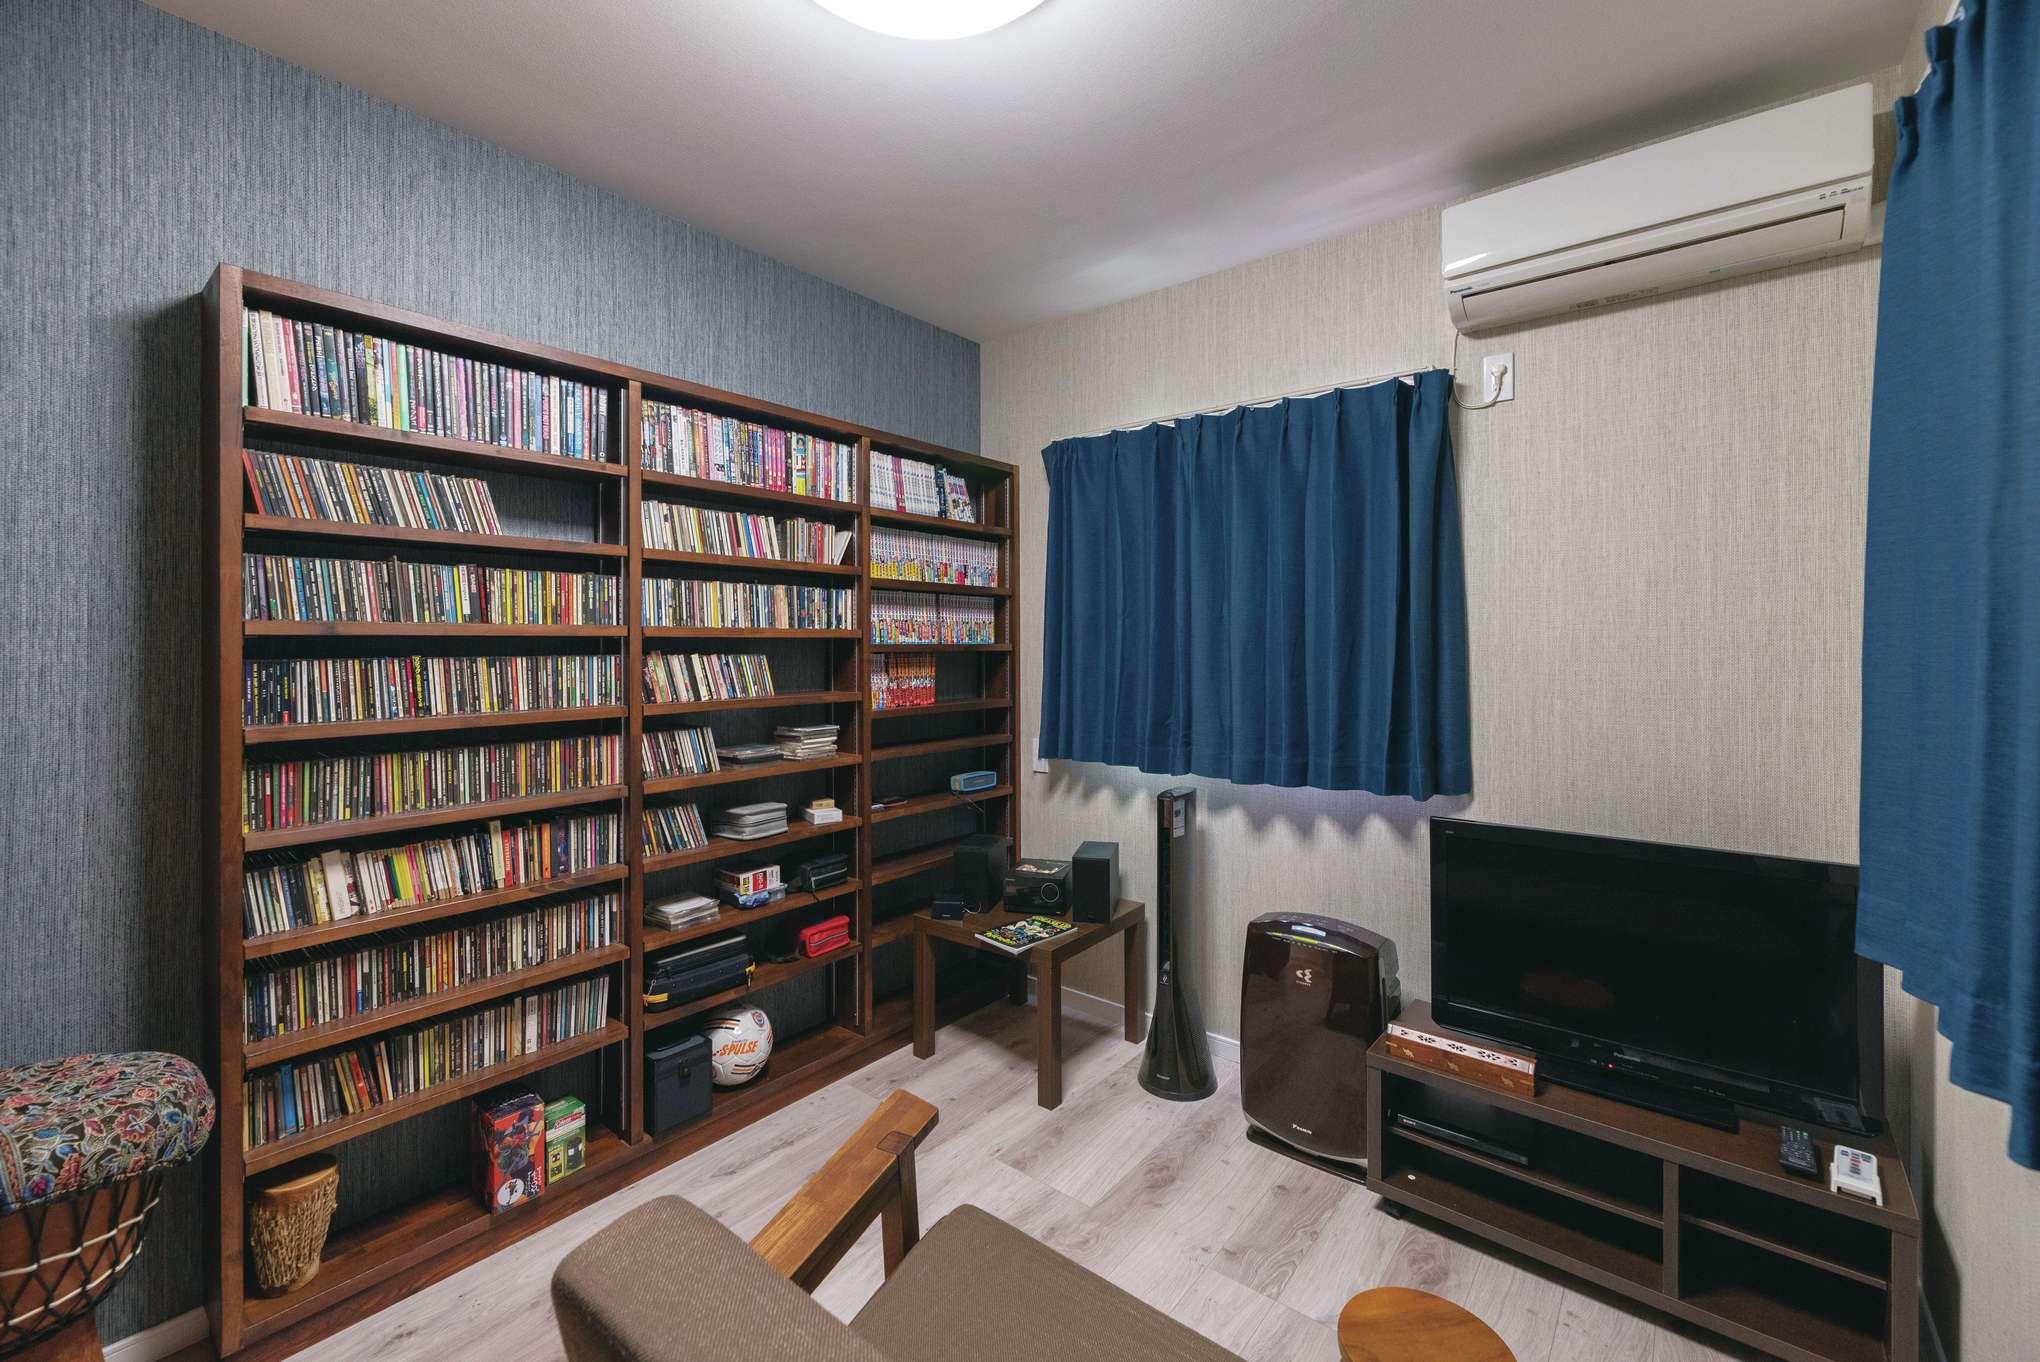 CD用の棚を造作したご主人のプライベートルーム。これからコレクションが充実していく楽しみも